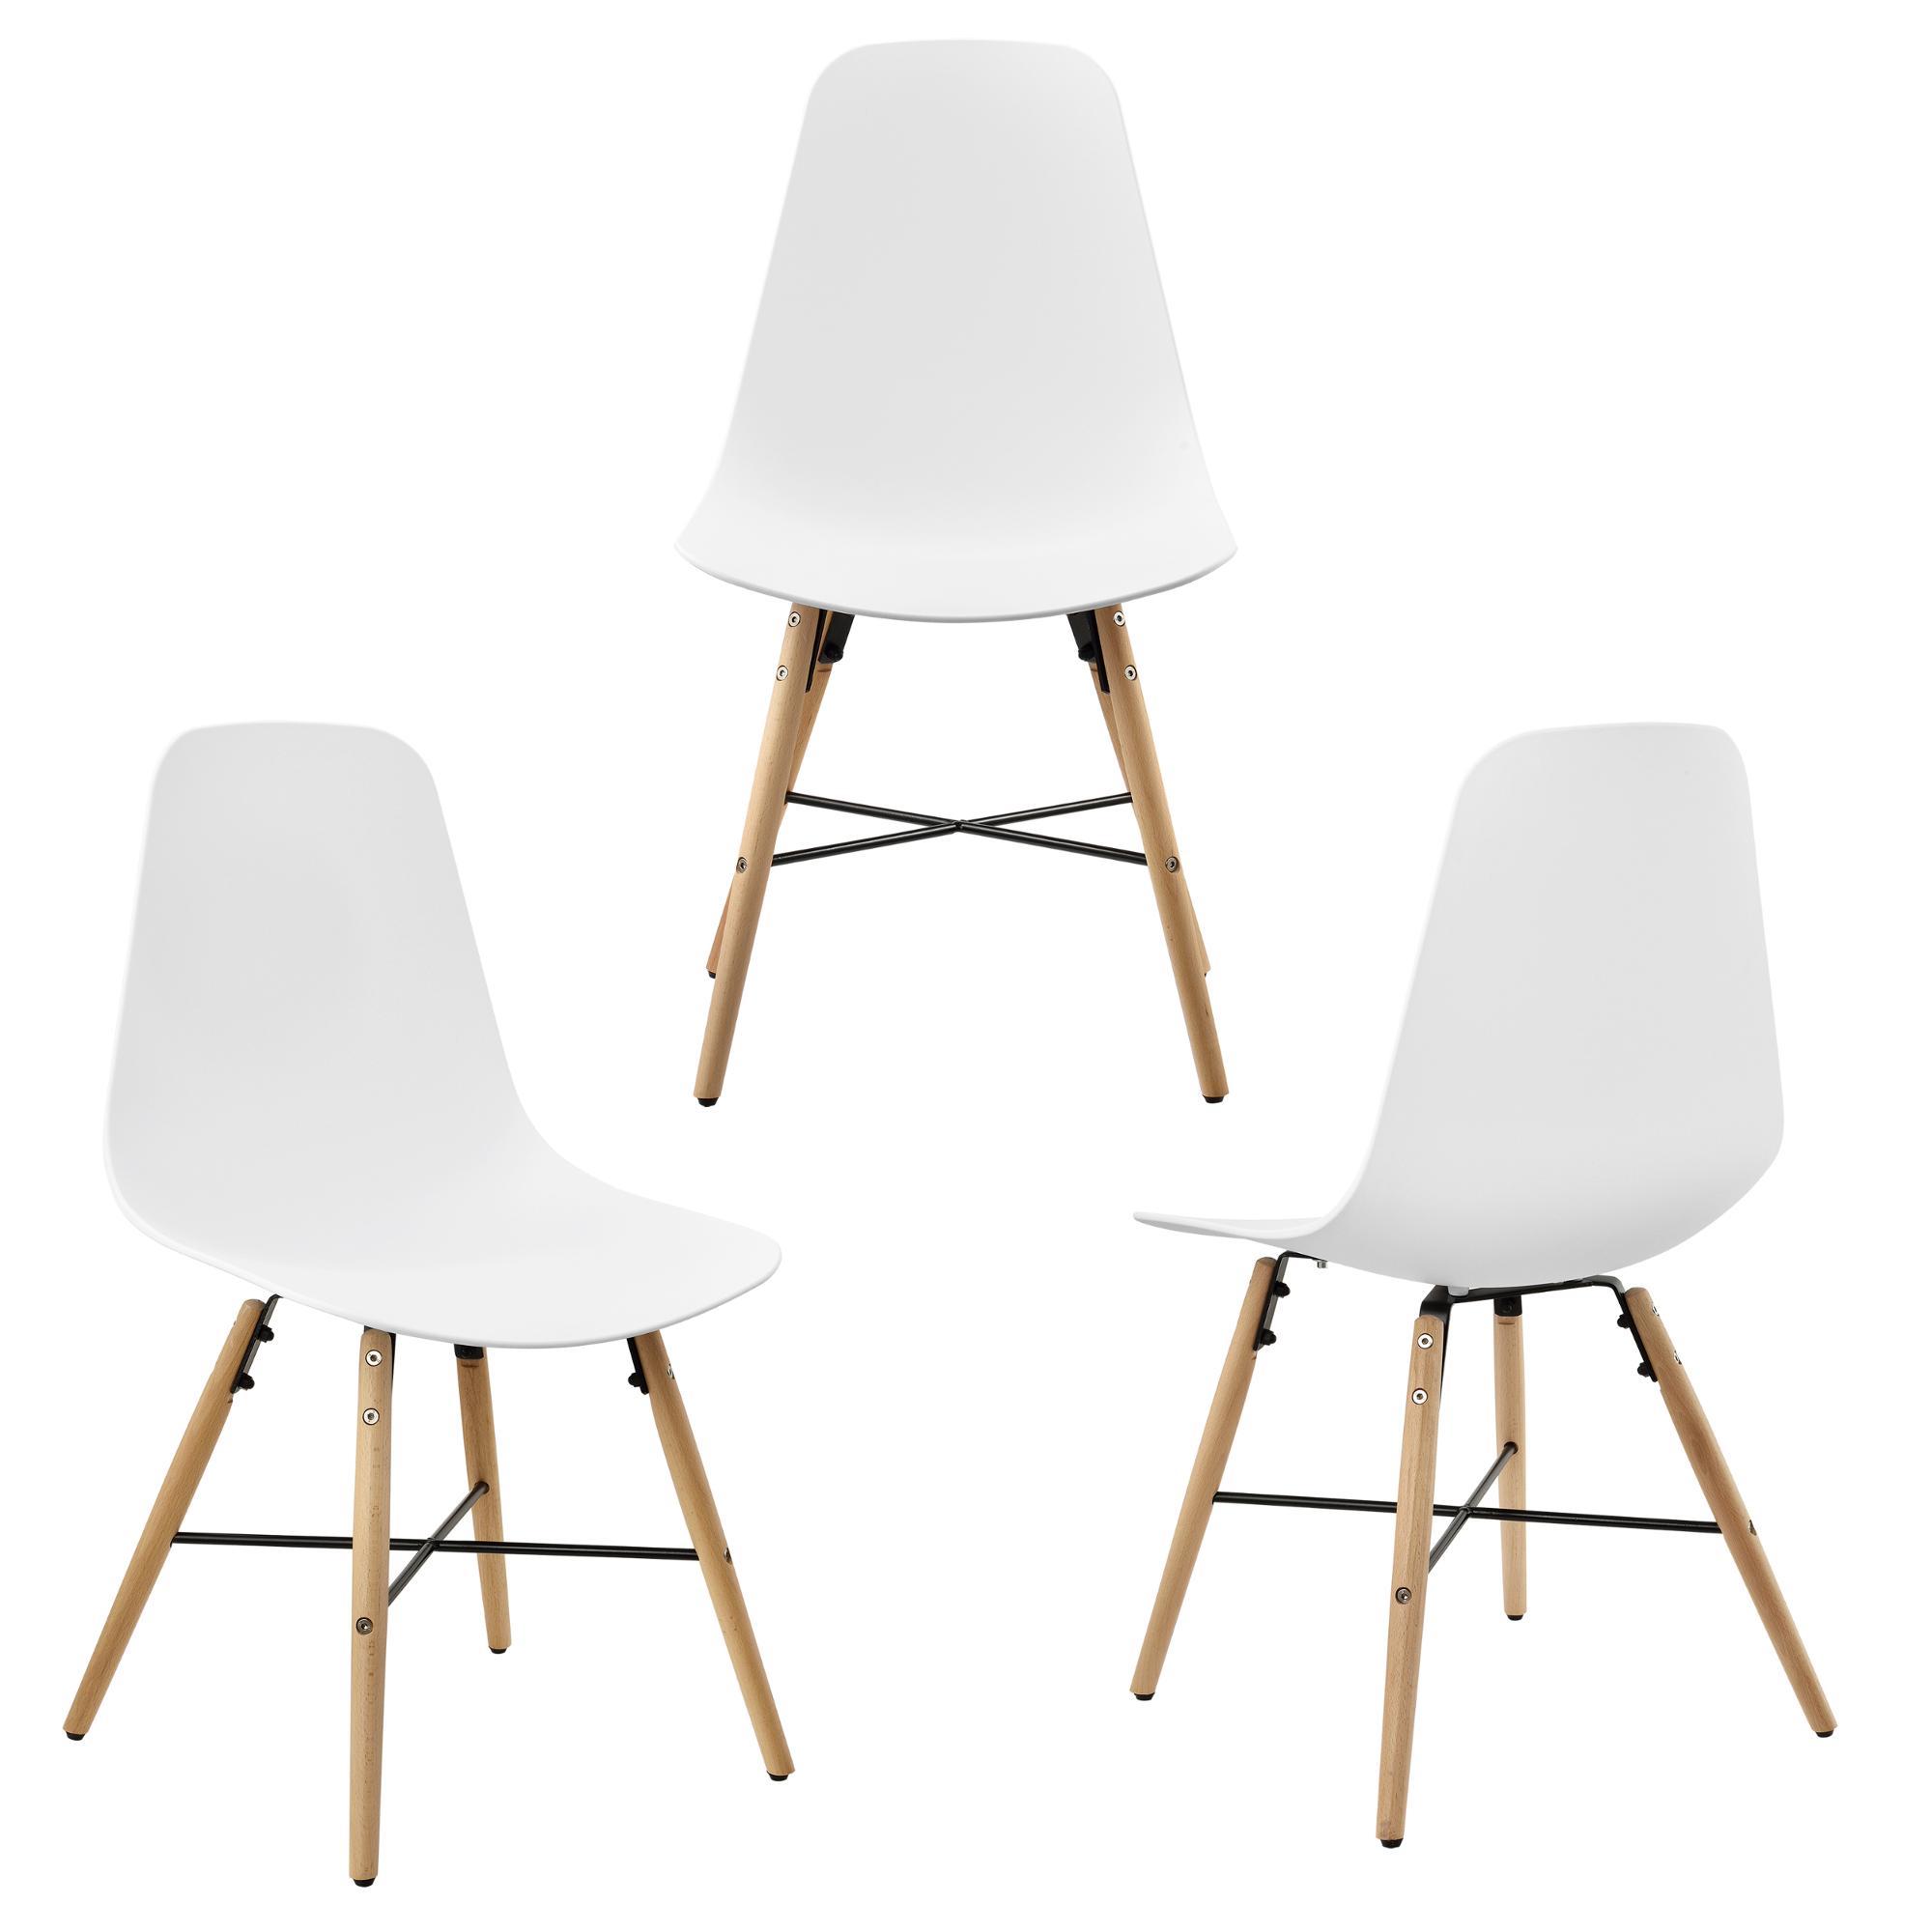 Table de salle manger blanc mit 3 chaises for Table salle a manger 80 cm largeur